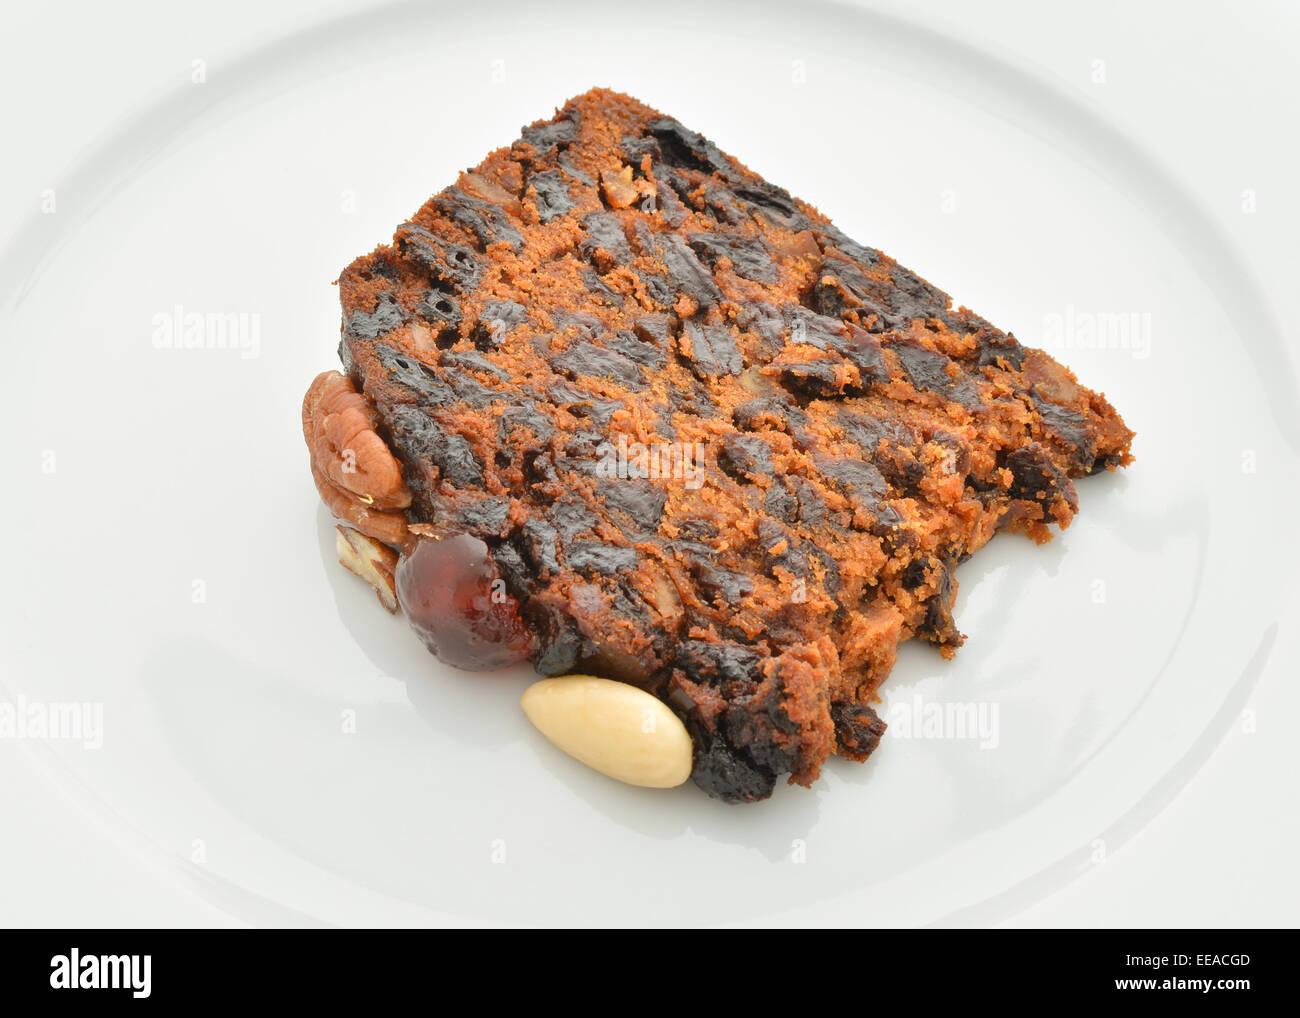 Fetta di torta di frutta fatta in casa decorata con i dadi e le ciliegie sulla piastra bianca Immagini Stock